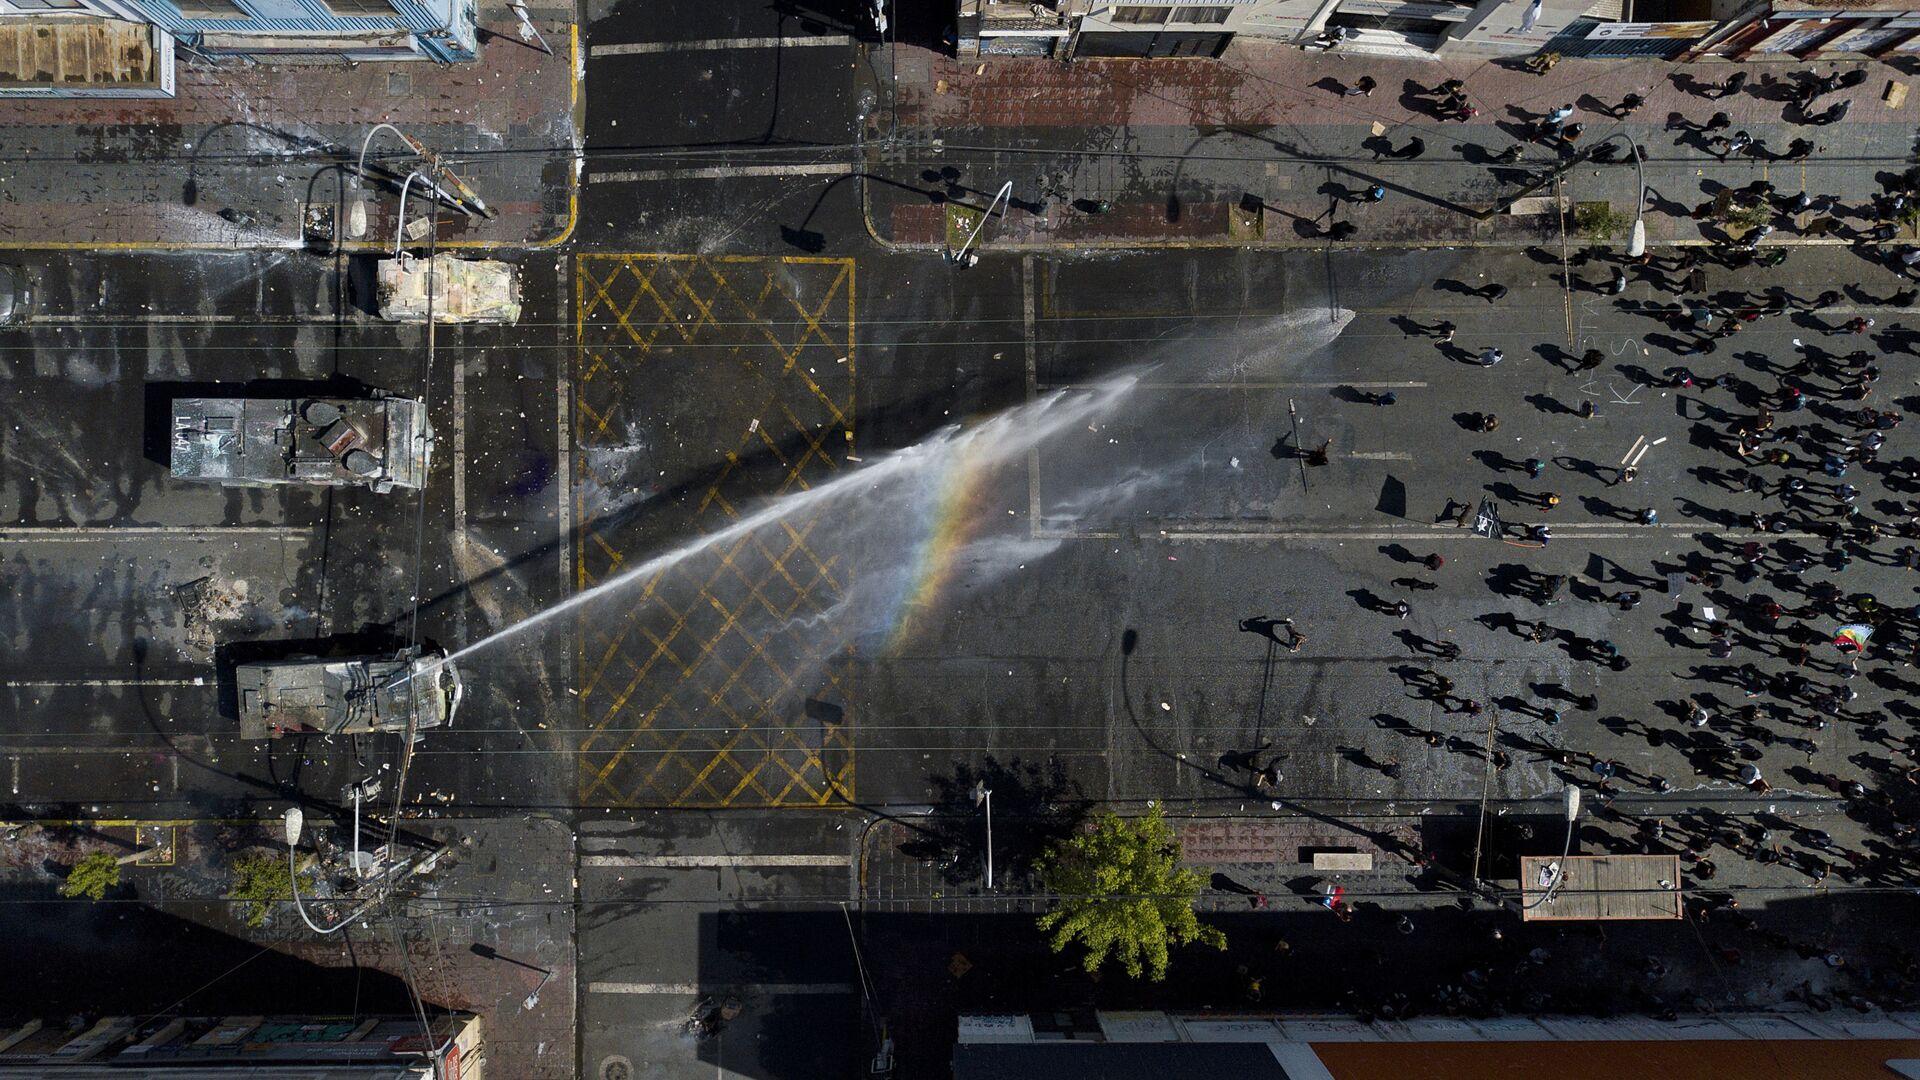 Protestas antigubernamentales en Chile, el 26 de octubre de 2019 - Sputnik Mundo, 1920, 28.07.2021